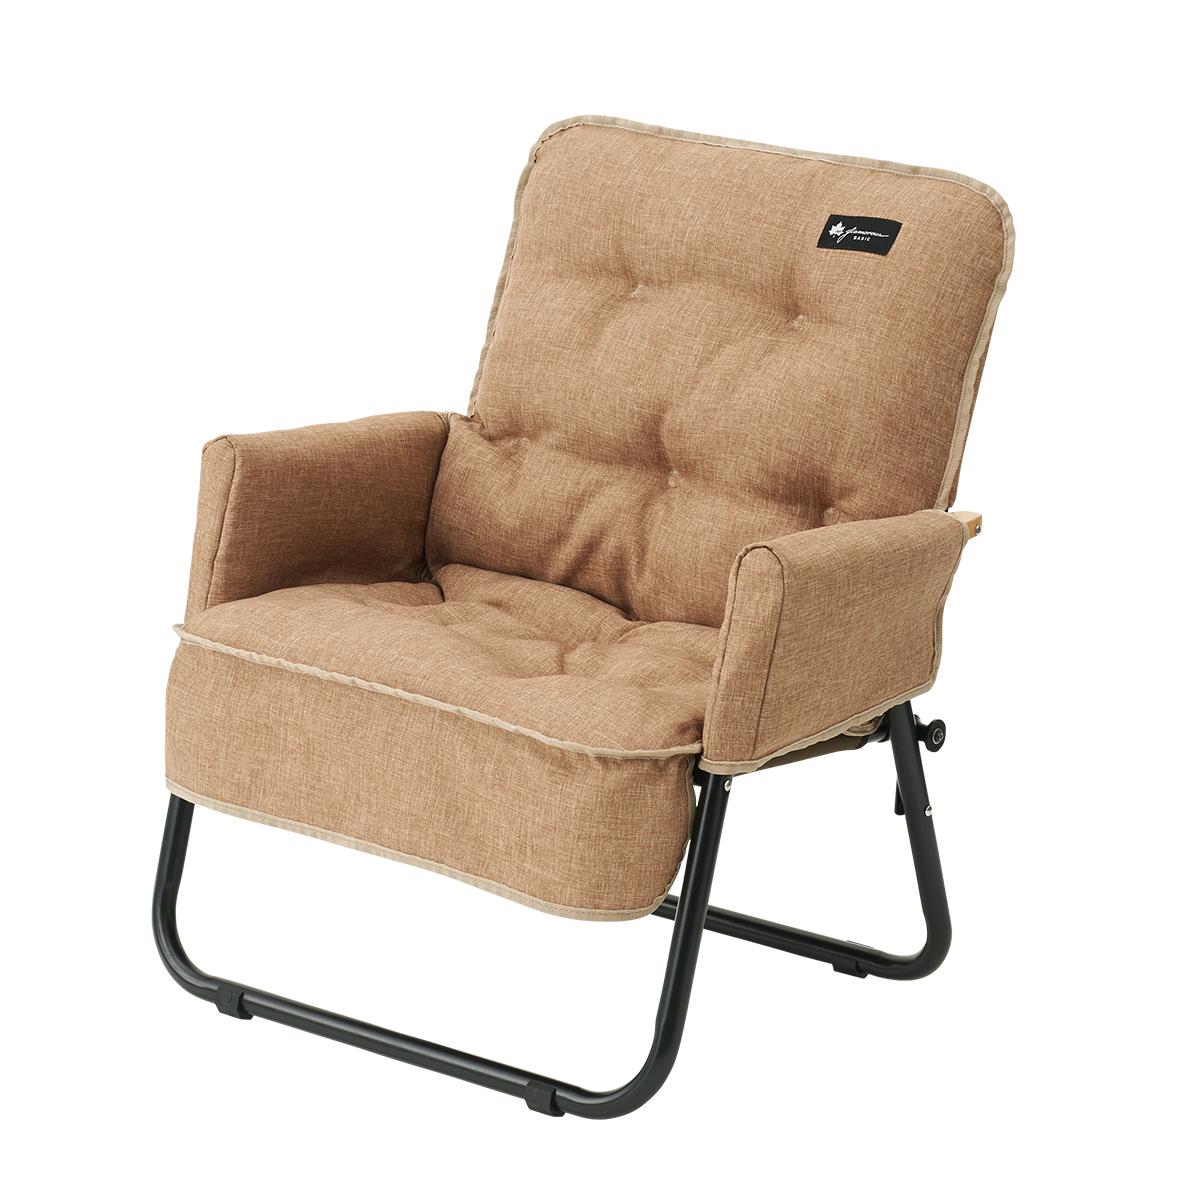 好也戶外LOGOS G B低腳單人椅專用椅套No.73174039